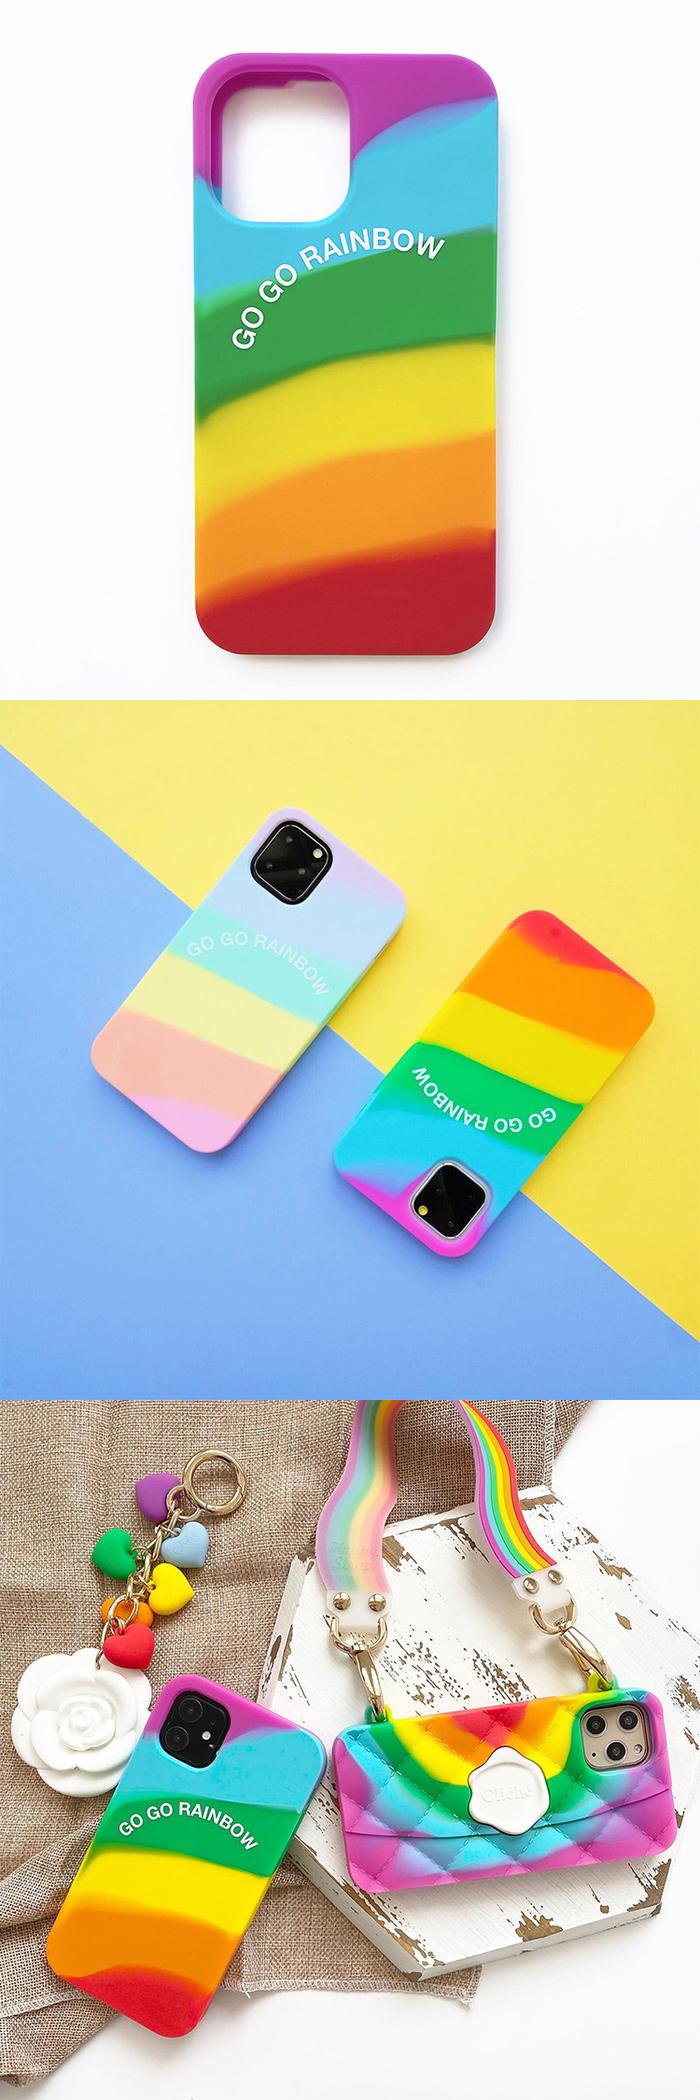 (複製)Candies|Candies x Cloudfield聯名款 緊急滑板出口(白) - iPhone 12 Pro Max